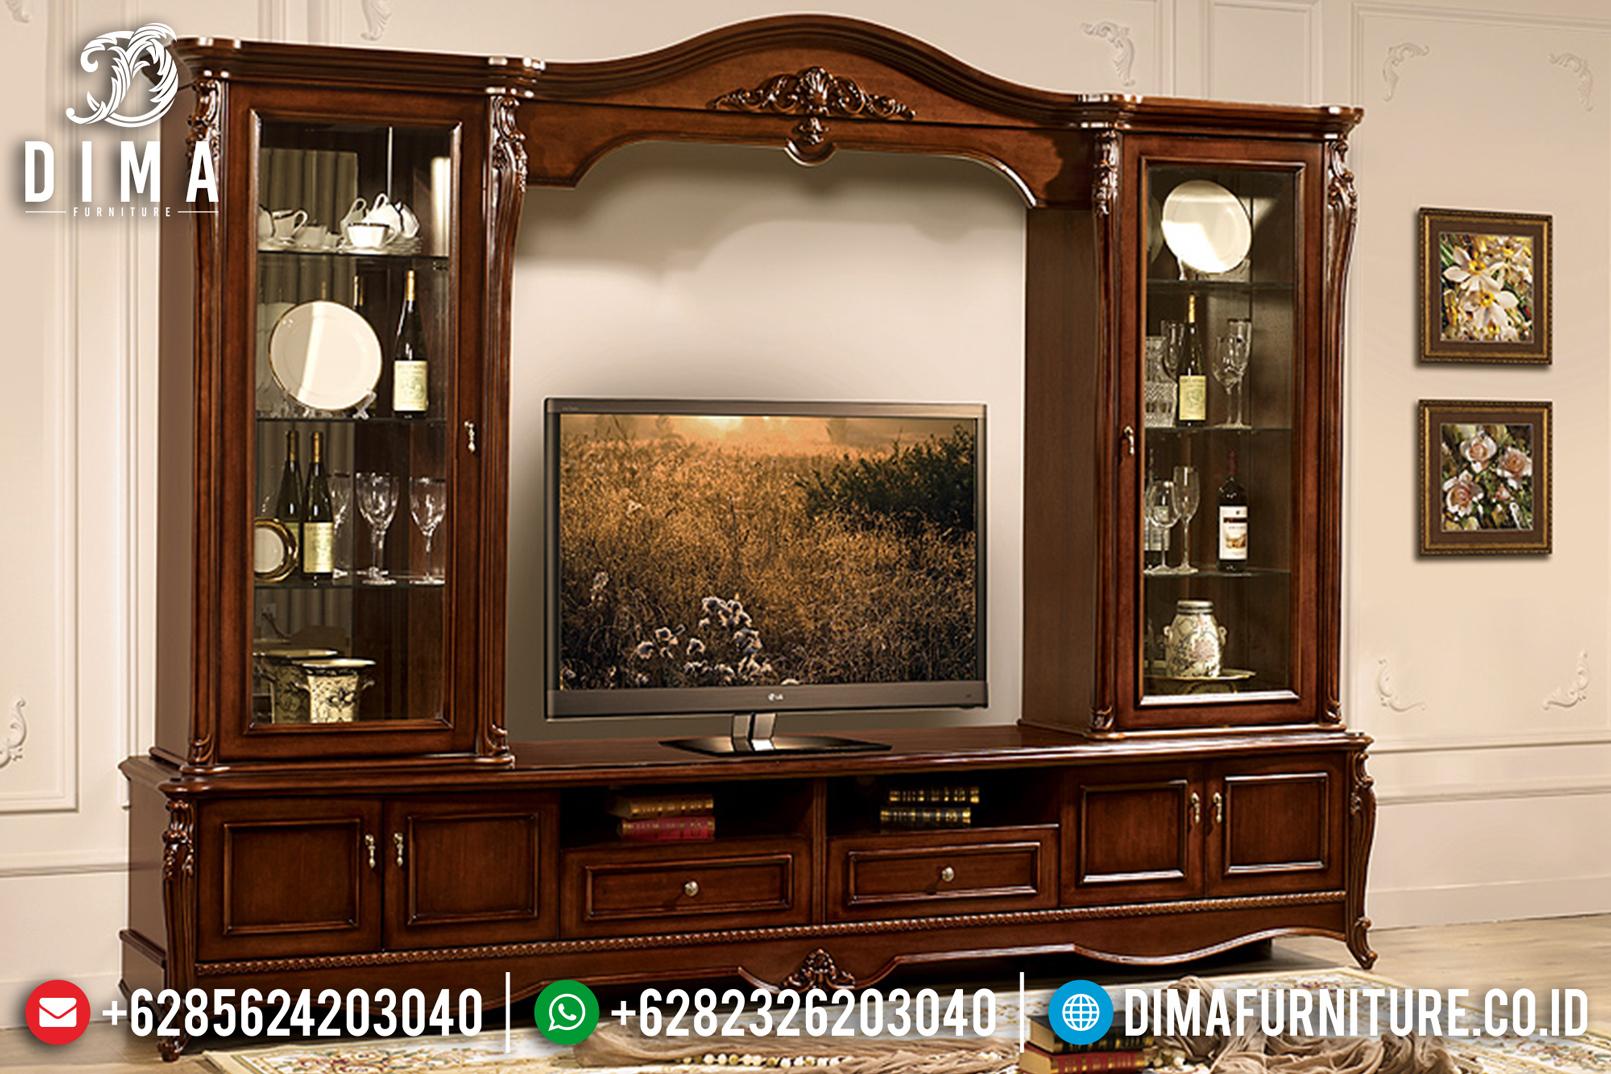 Bufet Tv Klasik Mewah Modern Natural Terbaru MM-0514